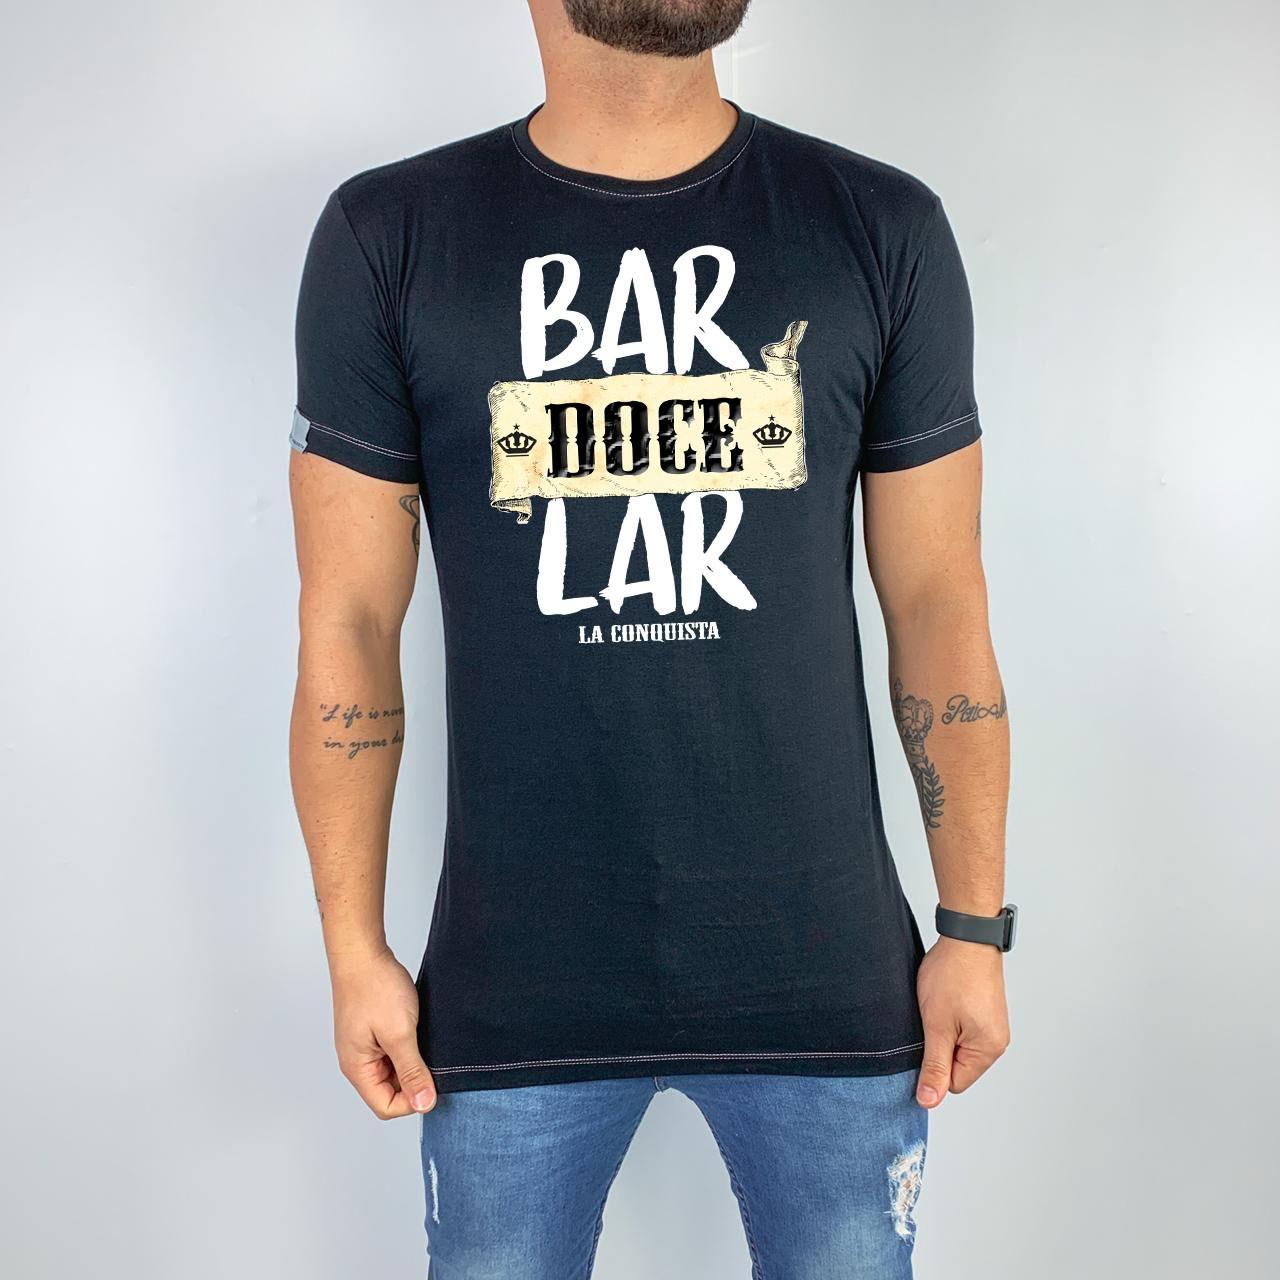 Camiseta Bar doce lar